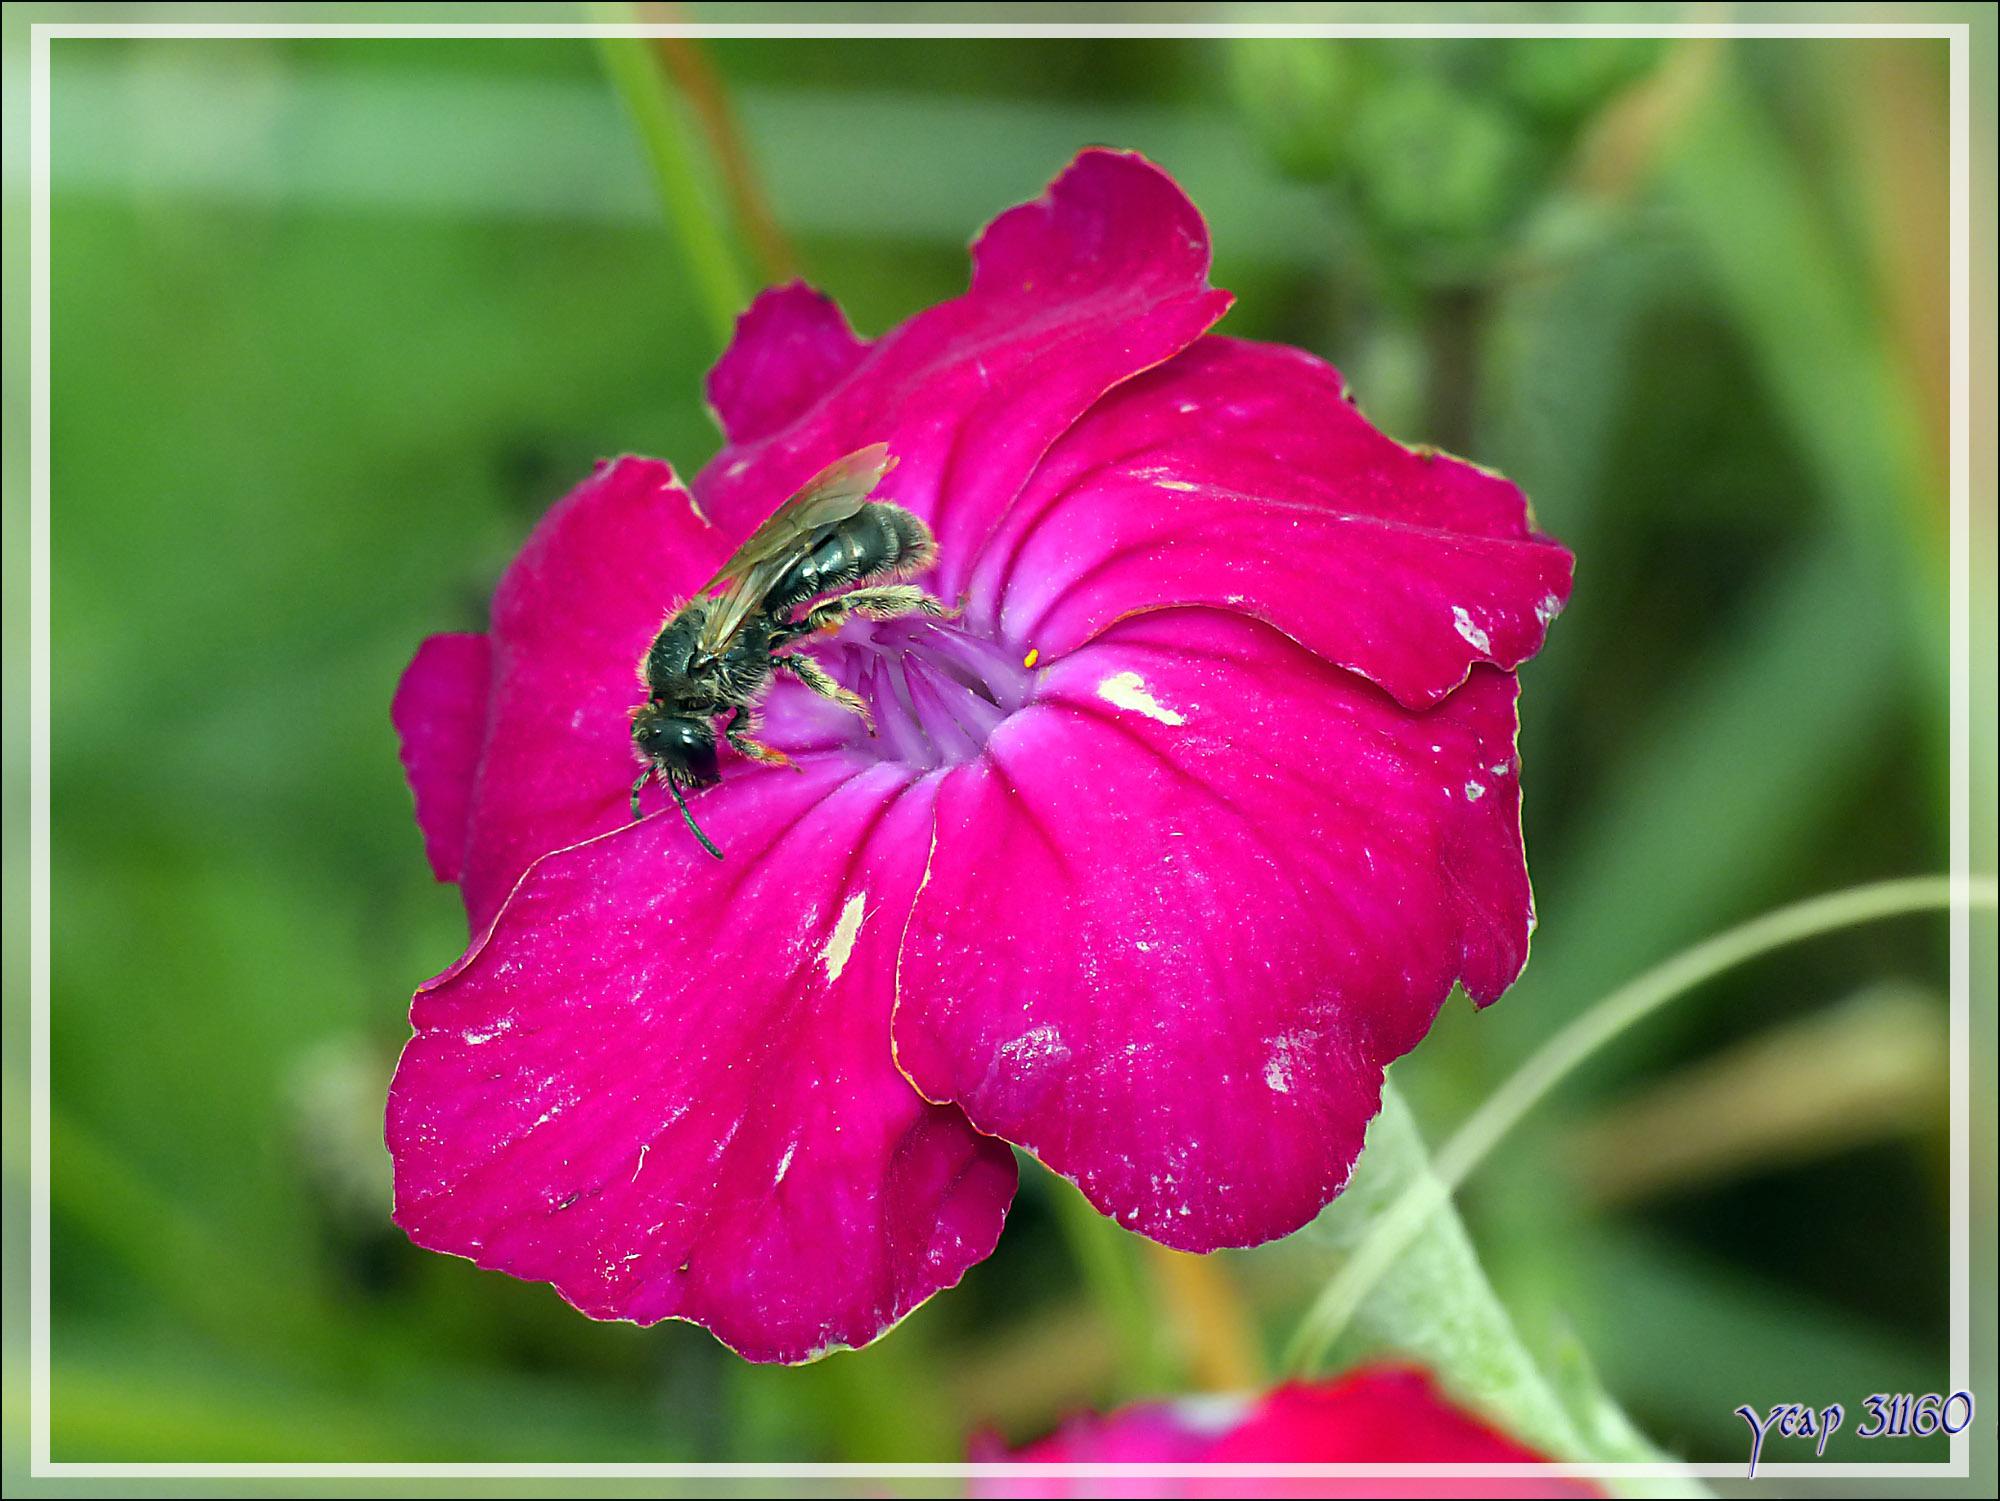 Coquelourde des jardins, Silène coronaire, Ragged Robin (Lychnis coronaria) - La Couarde-sur-Mer - Île de Ré - 17